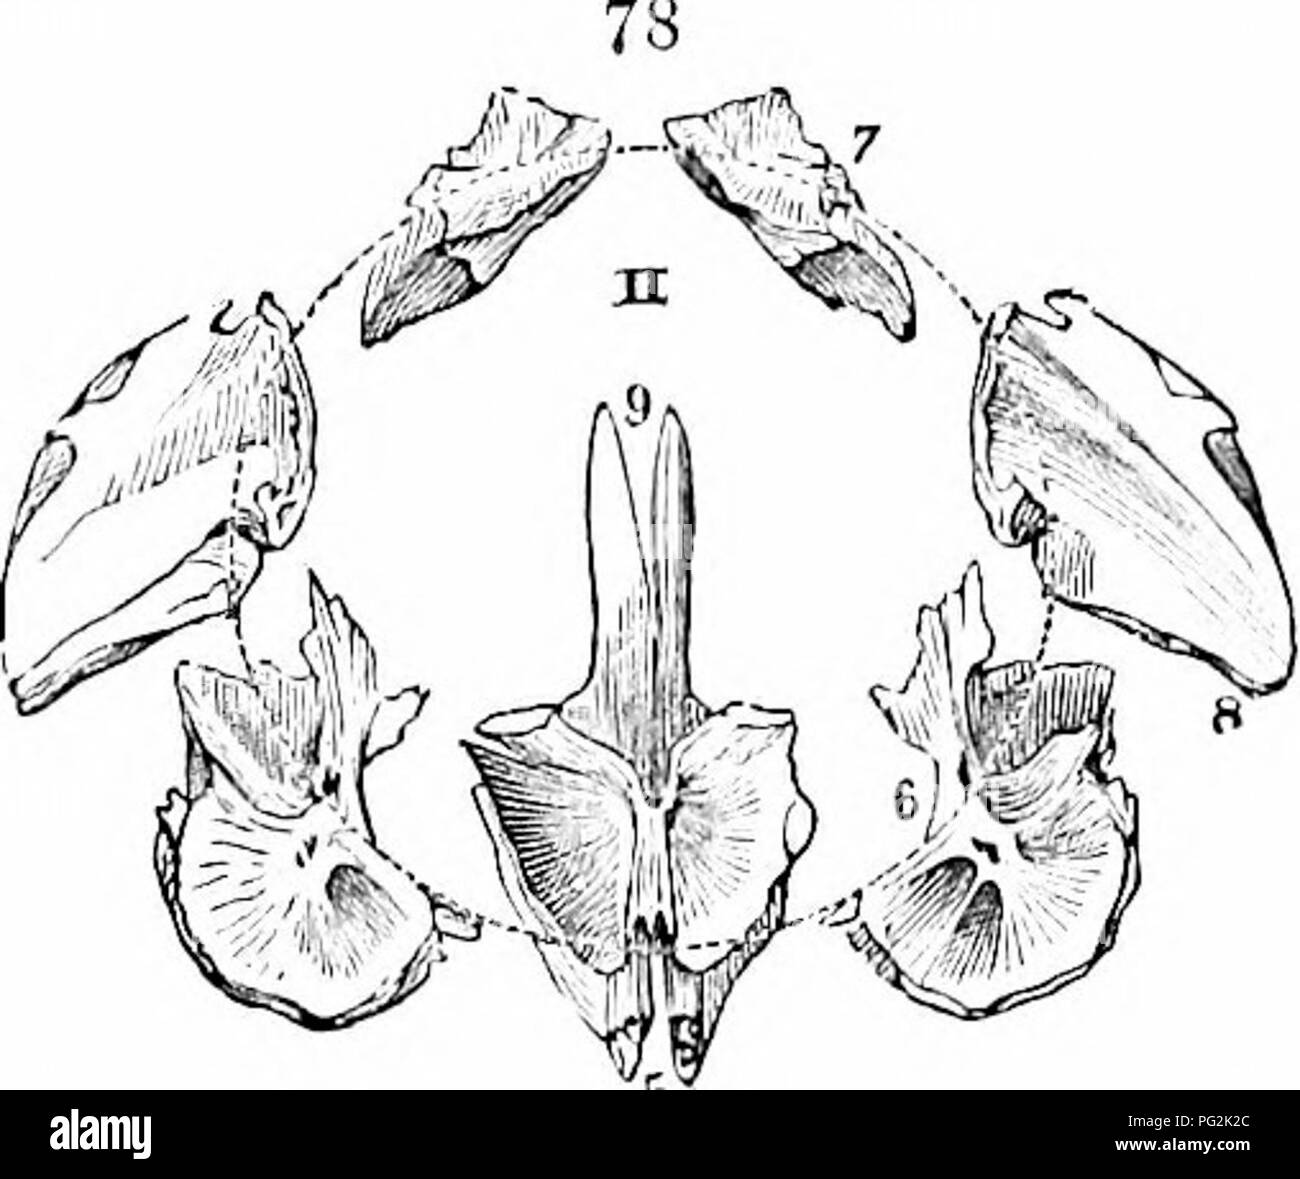 Bonito Anatomía De Lisp Fotos - Anatomía y Fisiología del Cuerpo ...